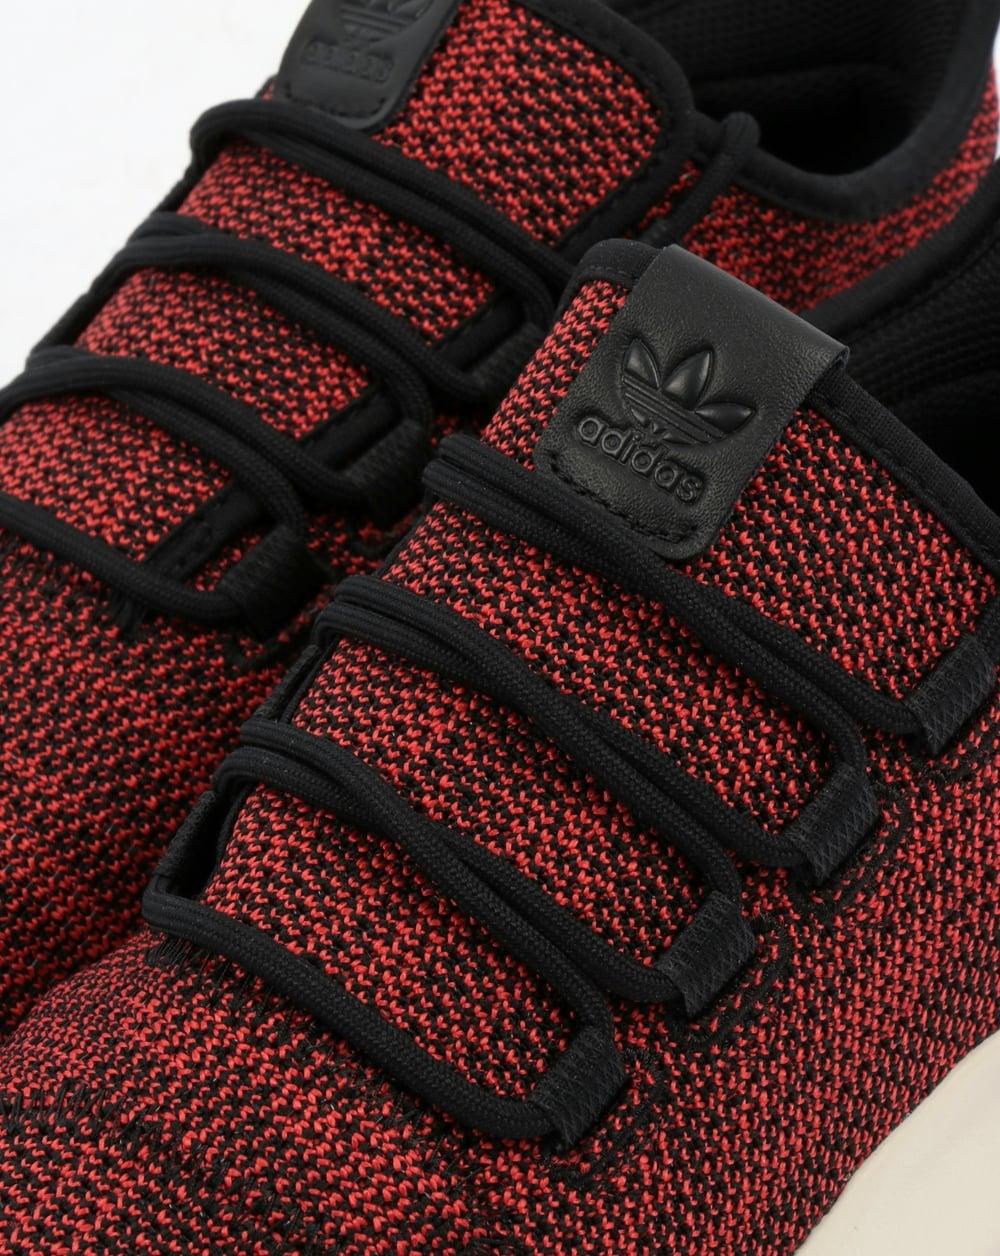 newest d6656 1ed61 Adidas Tubular Shadow CK Trainers Black/Scarlet